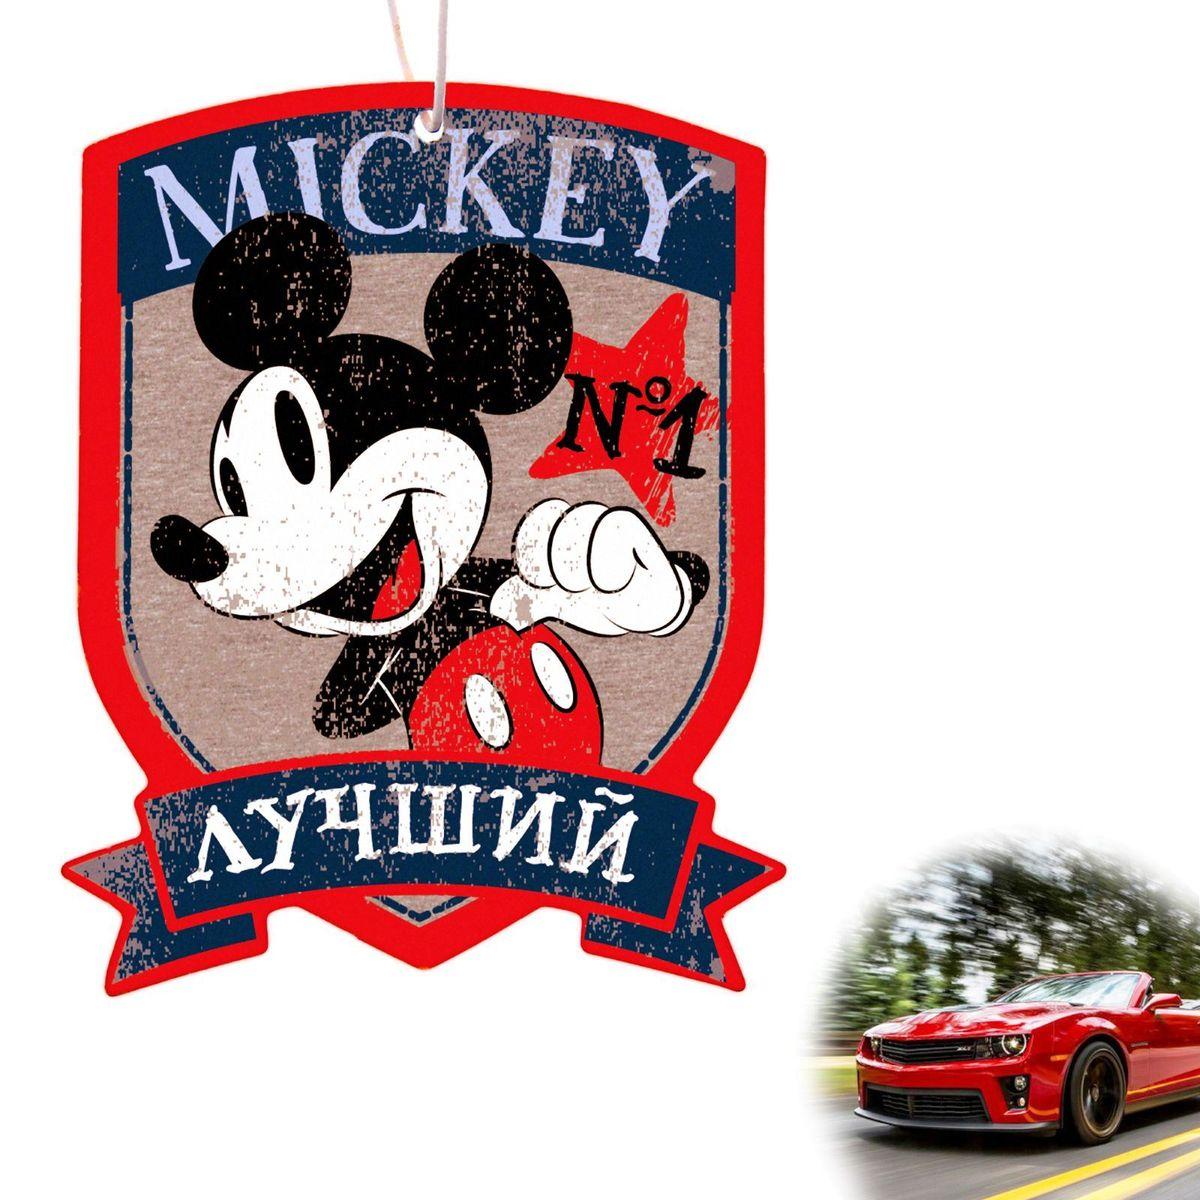 Ароматизатор в авто Disney Микки Маус. Mickey лучший, 8,6 х 16,1 см1149008Яркость в серые городские будни и скучную езду по пробкам добавит ароматизатор в авто. В нем сочетаются эксклюзивный дизайн и приятный аромат. Повесьте его на зеркало, и любимые герои уничтожат неприятные запахи. Если у вас нет автомобиля — не беда! Повесьте ароматизатор дома или на работе и наслаждайтесь чудесным благоуханием.